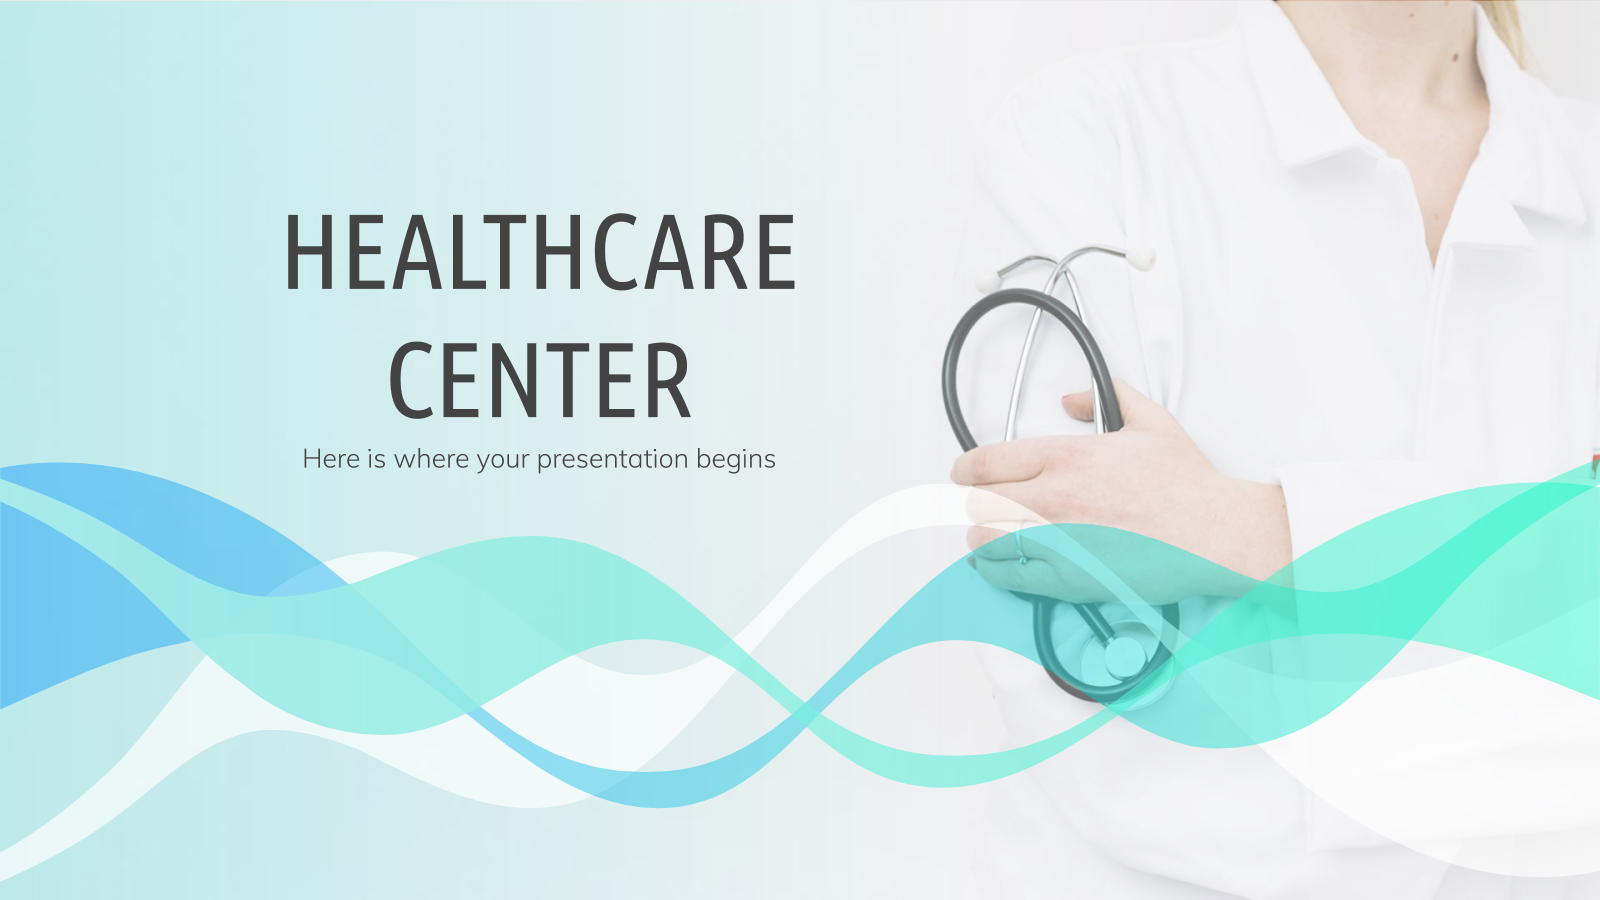 Centre de santé : Modèles de présentation